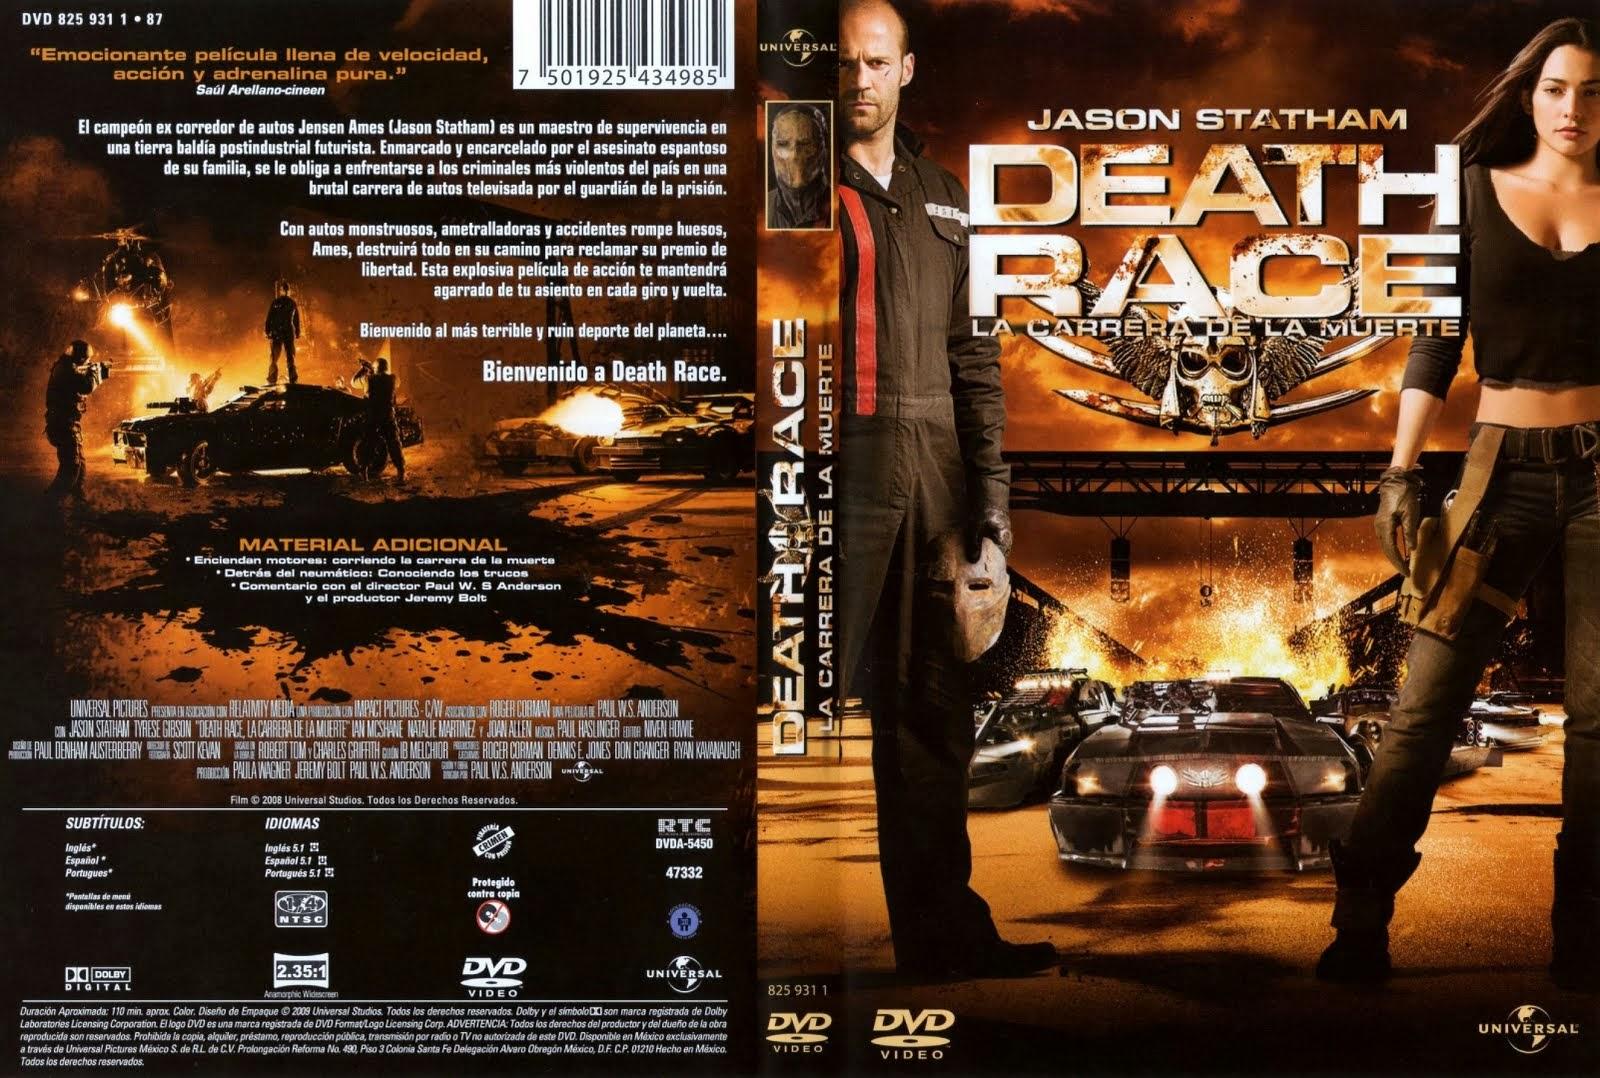 26 Peliculas de Jason Statham